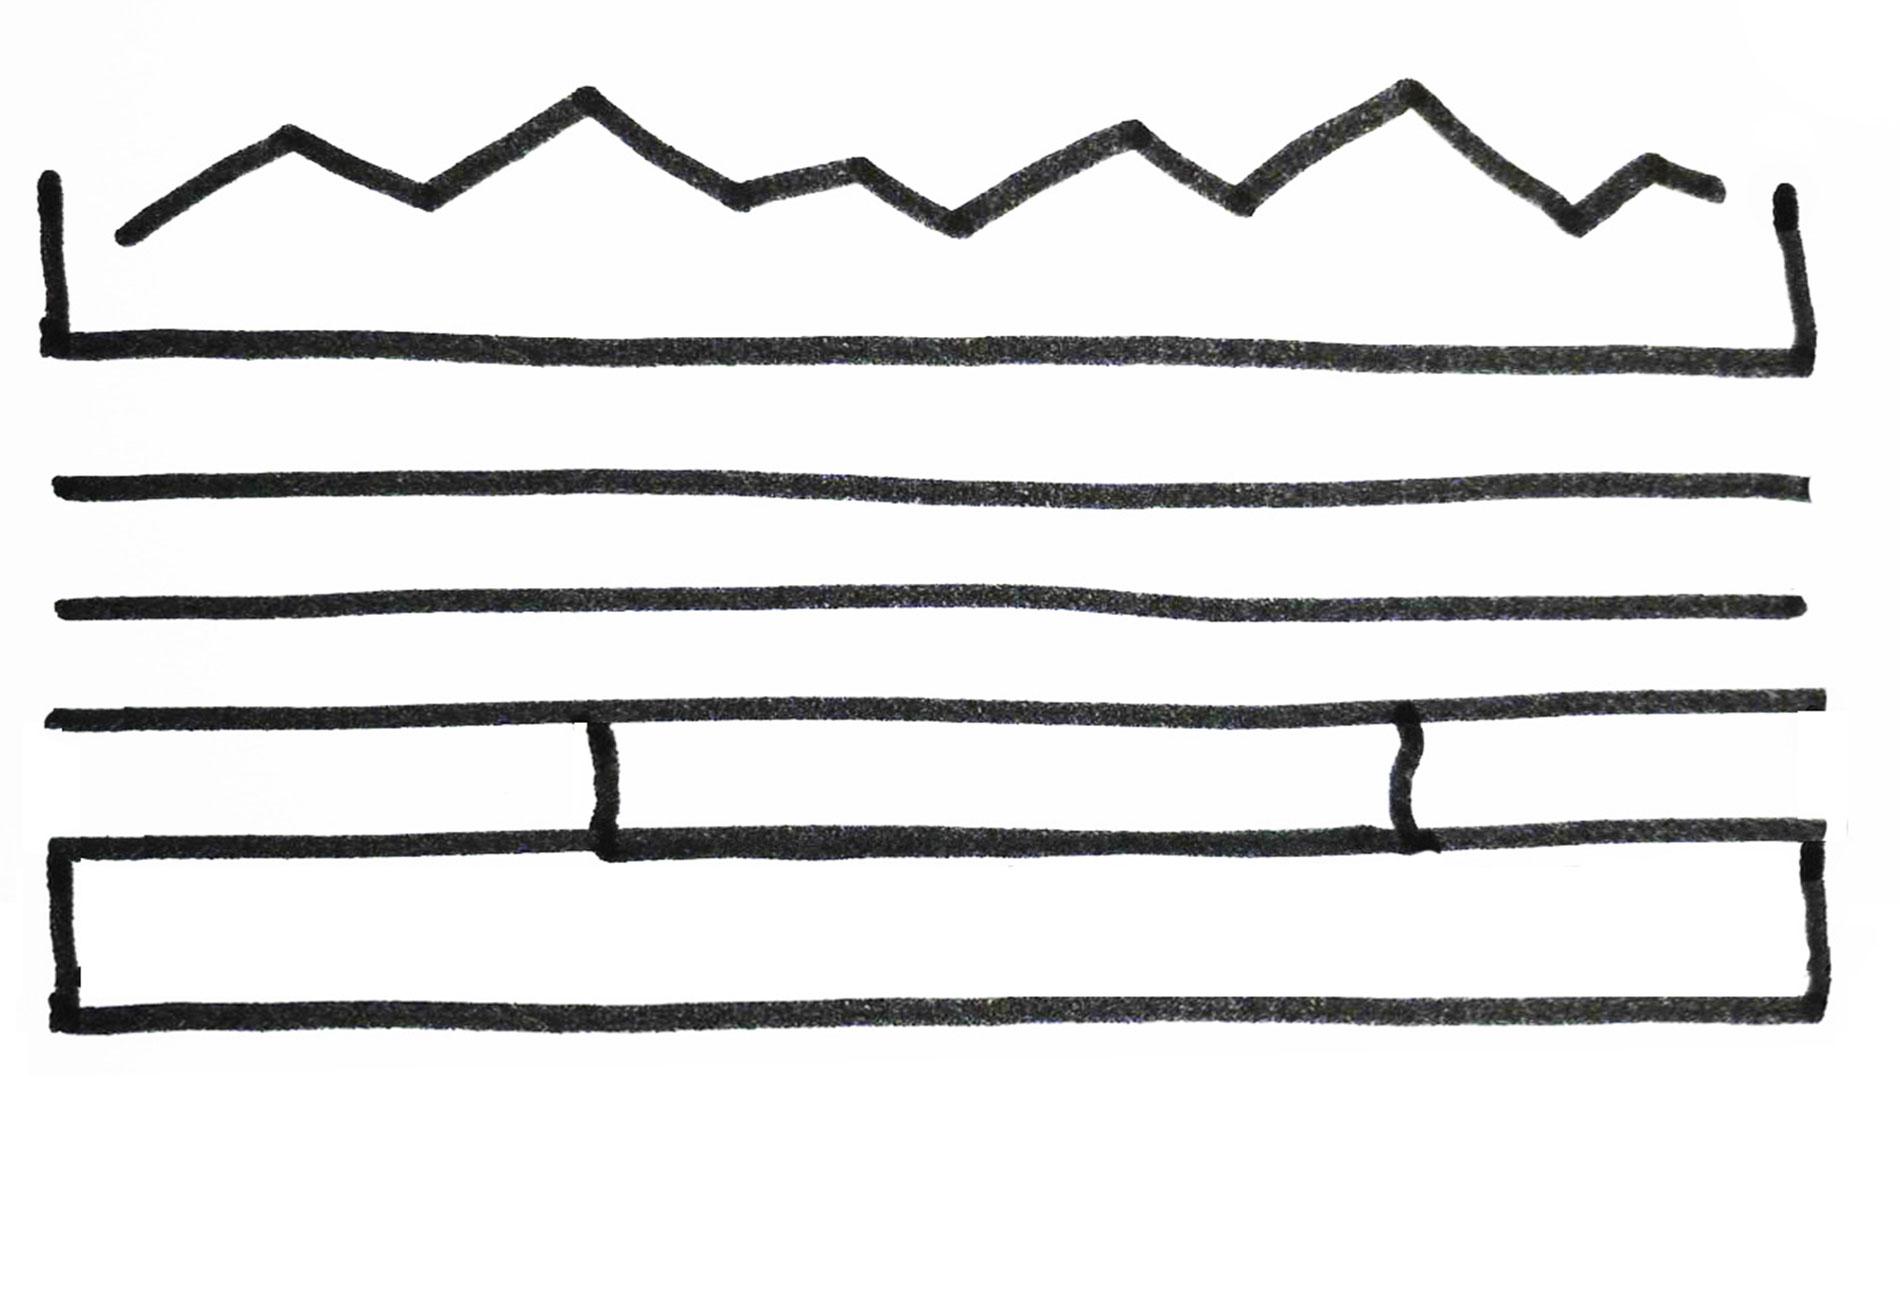 bel-administrative headquart, sketch